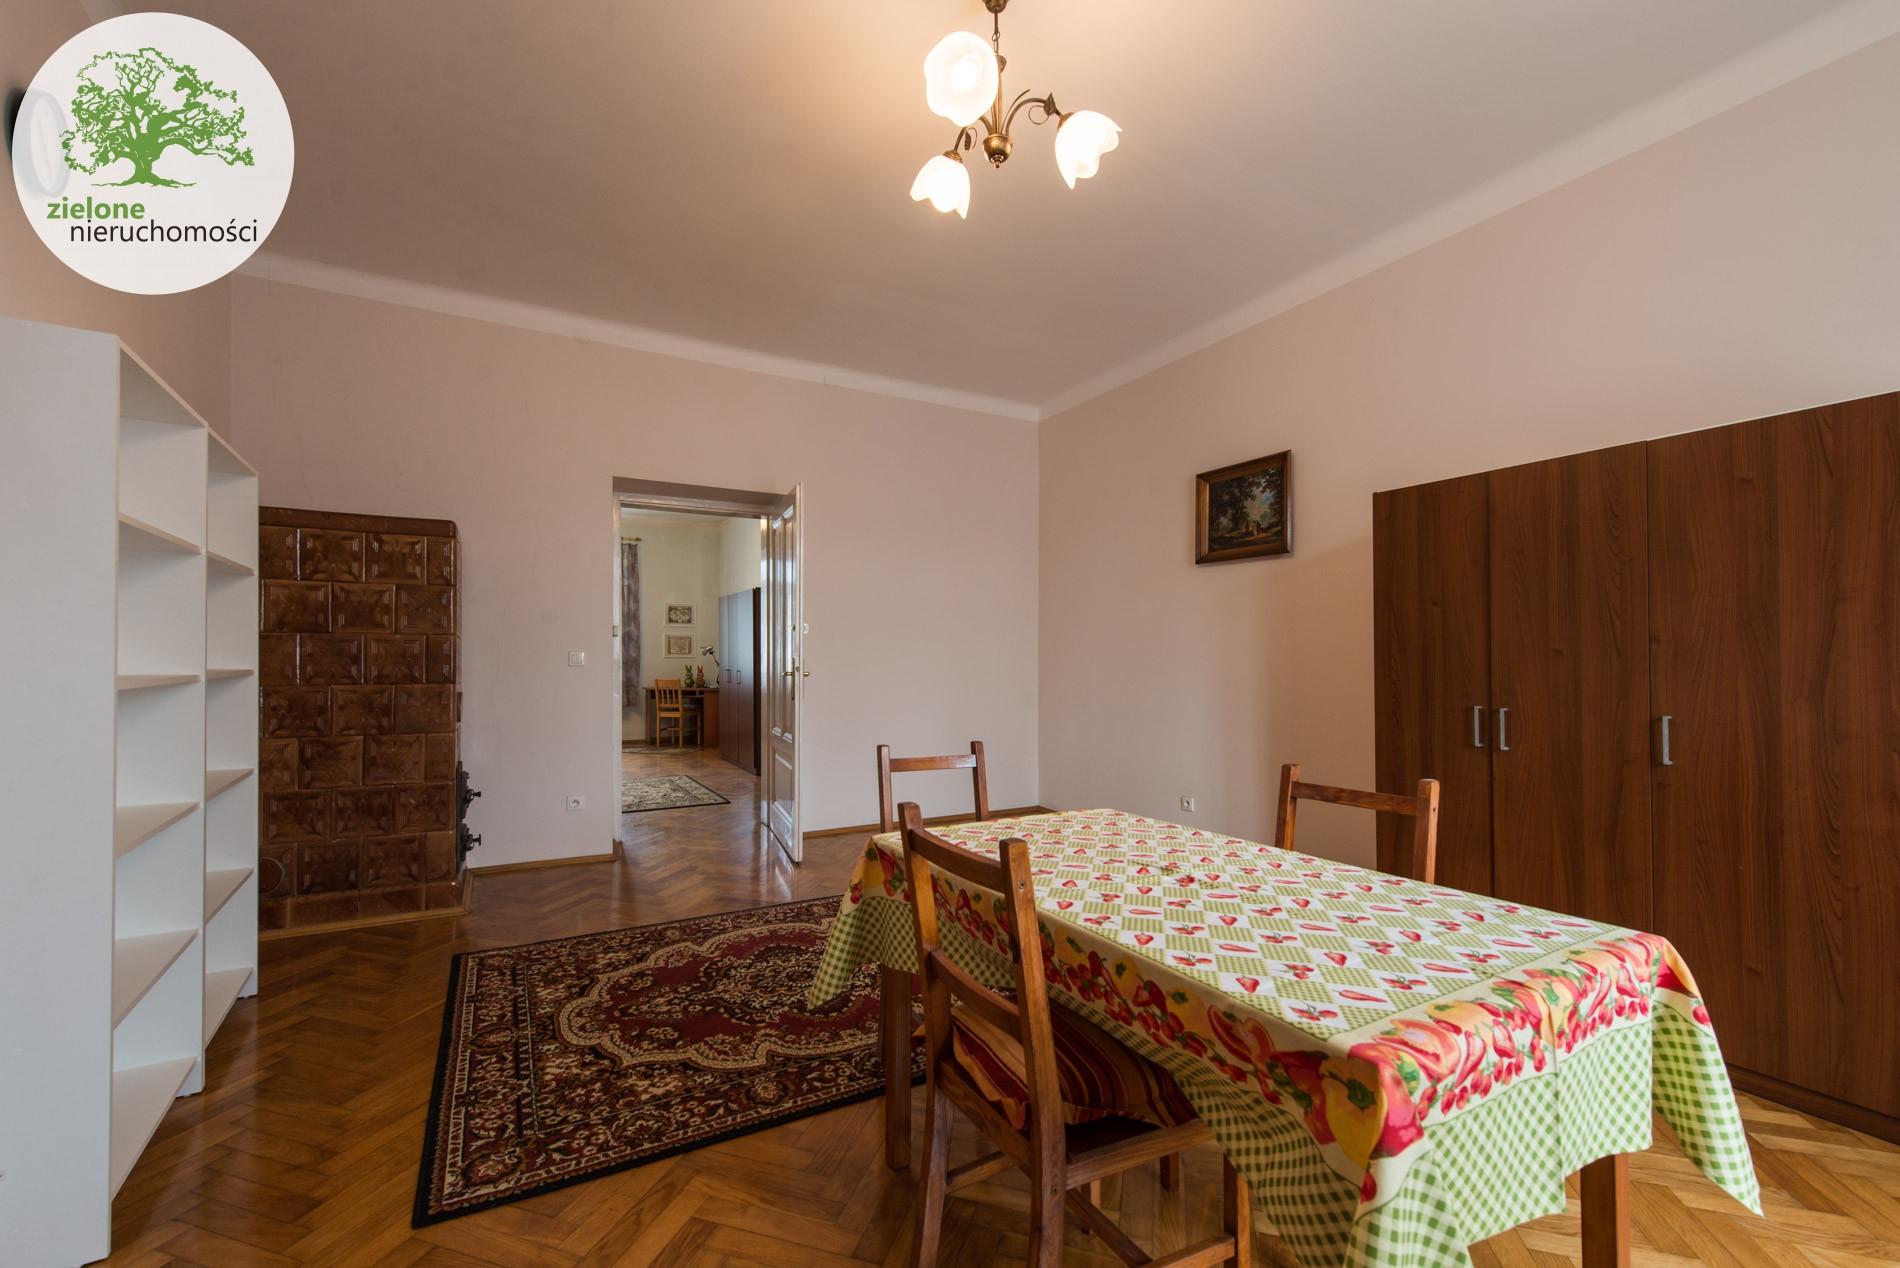 Zdjęcie 5Mieszkanie w kamienicy, w pobliżu Sfery